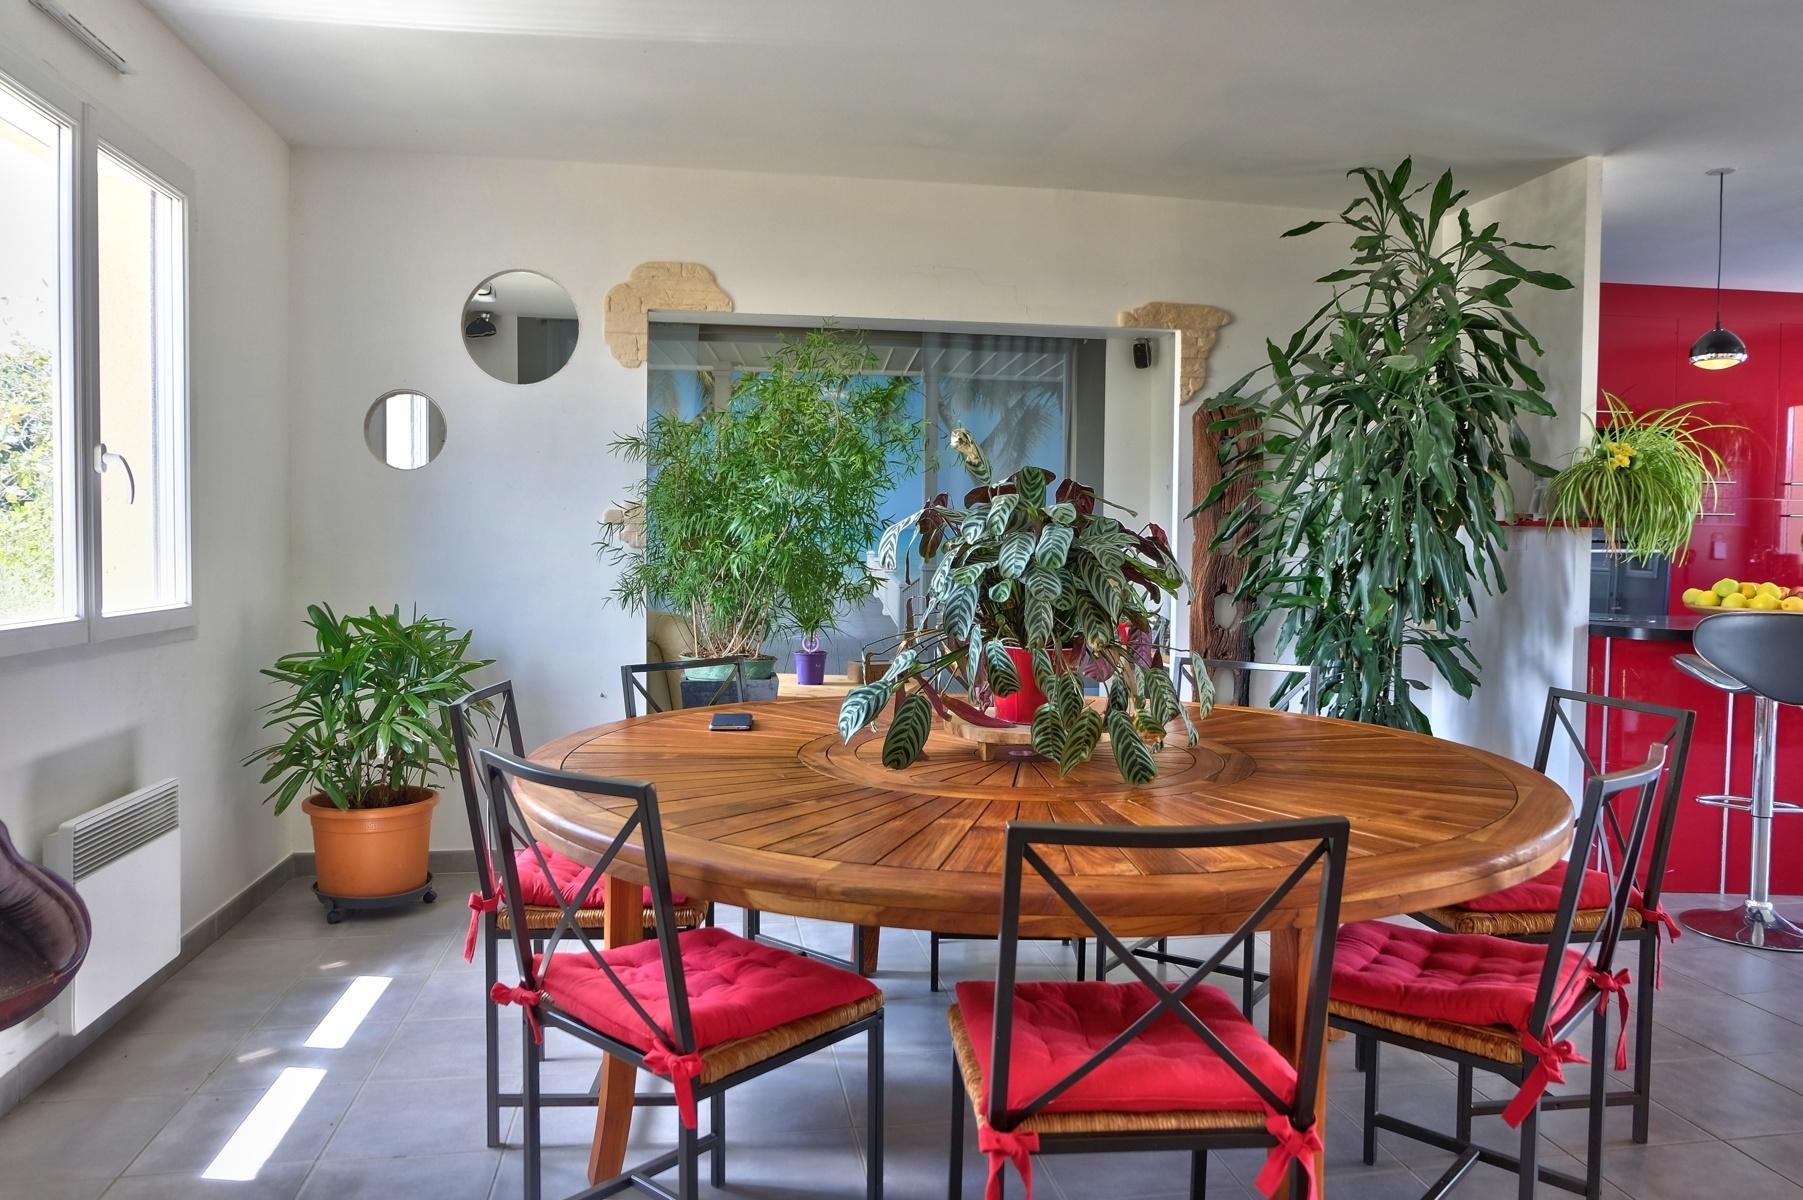 Vente Maison T5 Saint Mars La Jaille 103 M Carre 225 000 Sitigeo